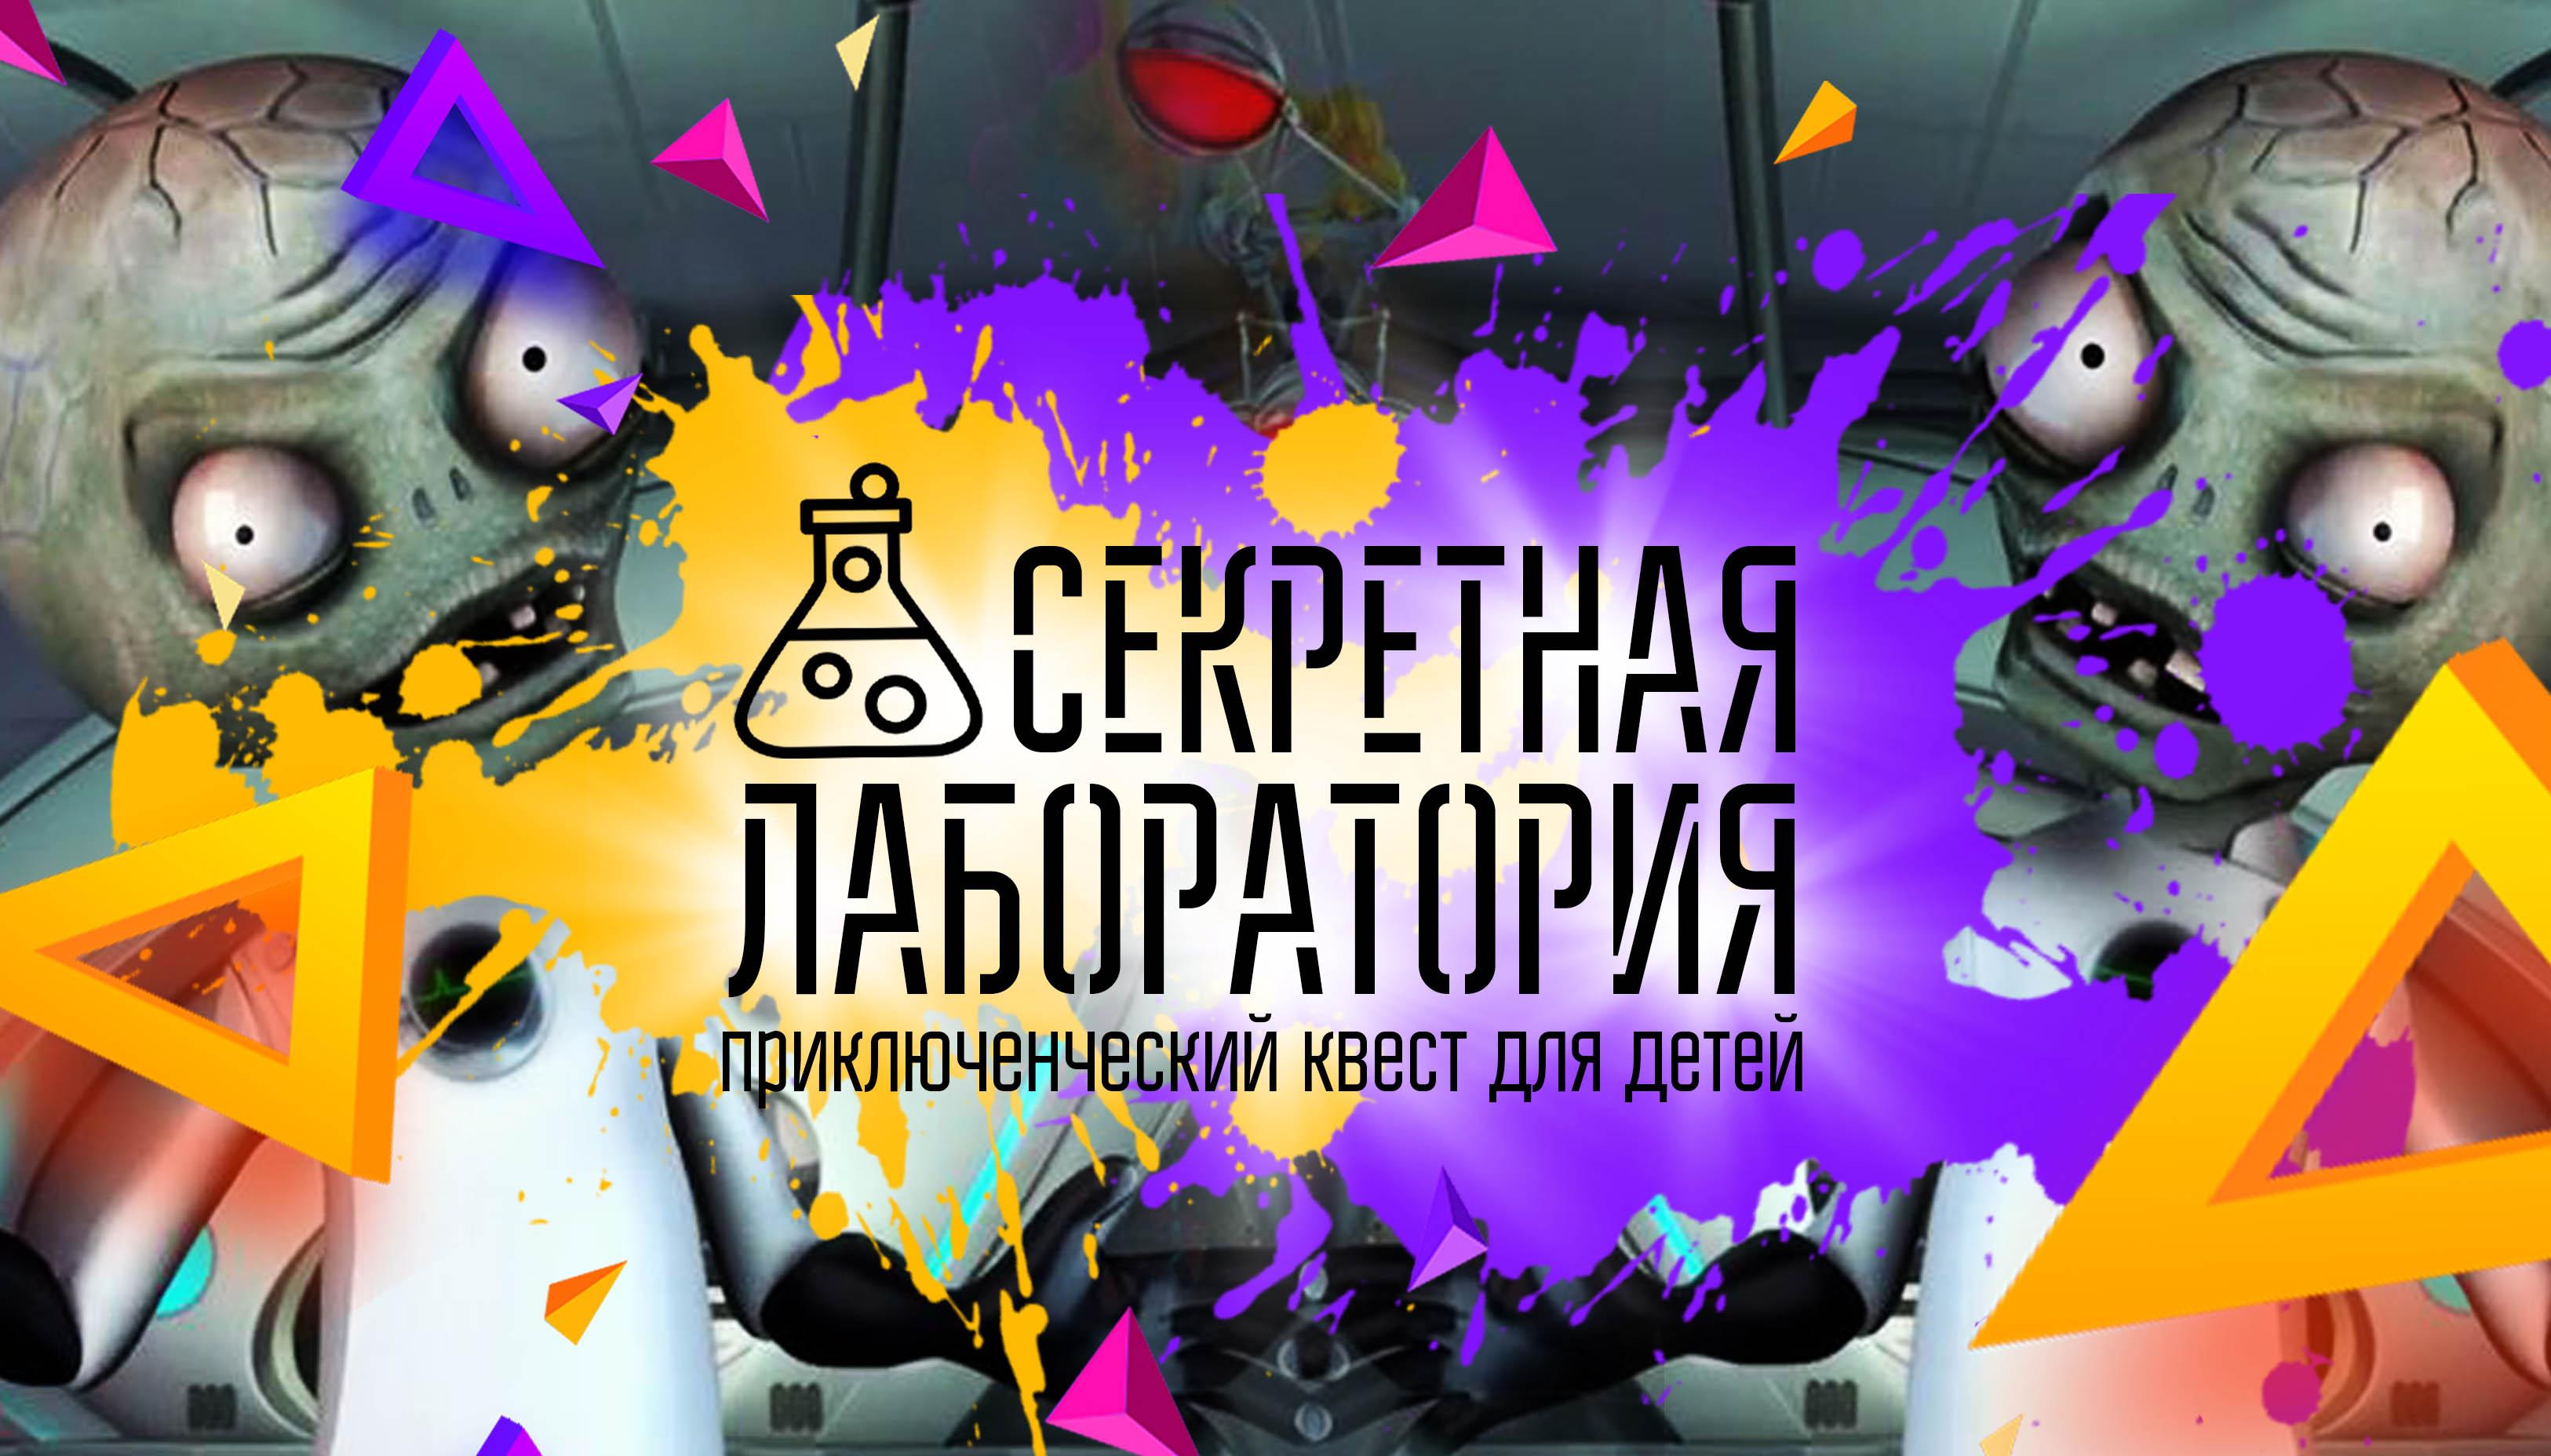 Квест для детей в Магнитогорске